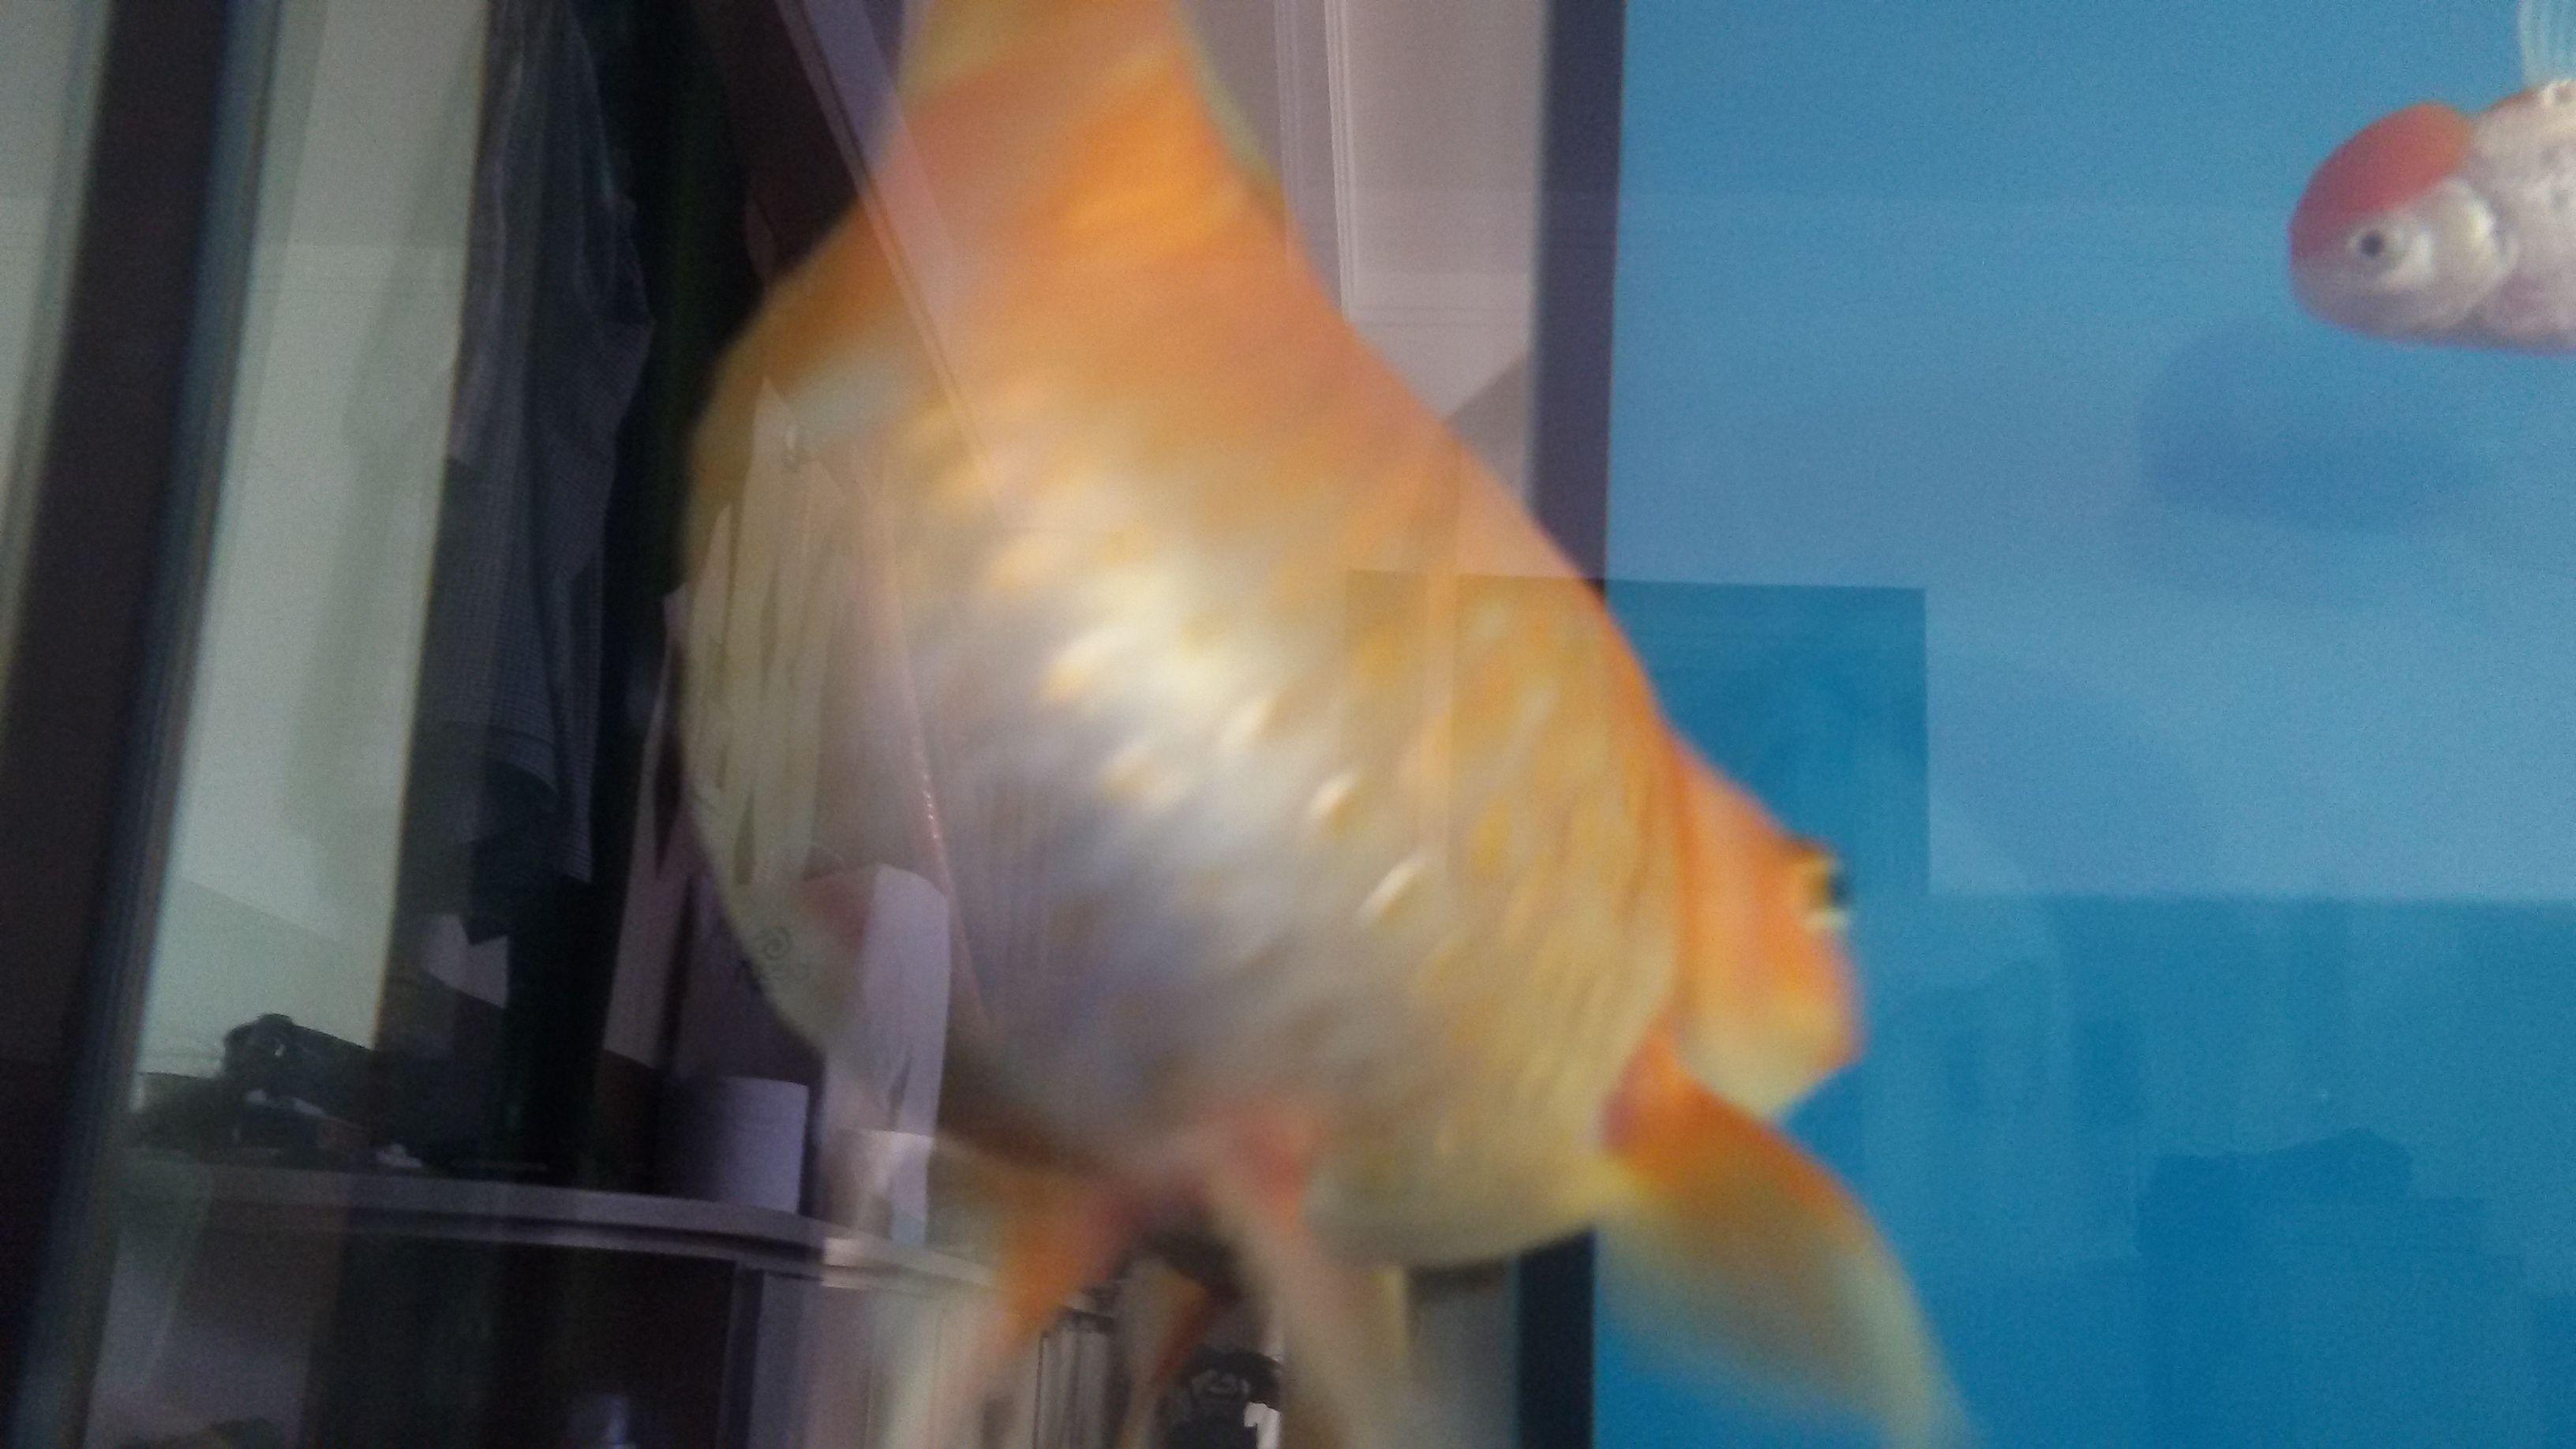 鲤鱼乡生子混蛋肚子